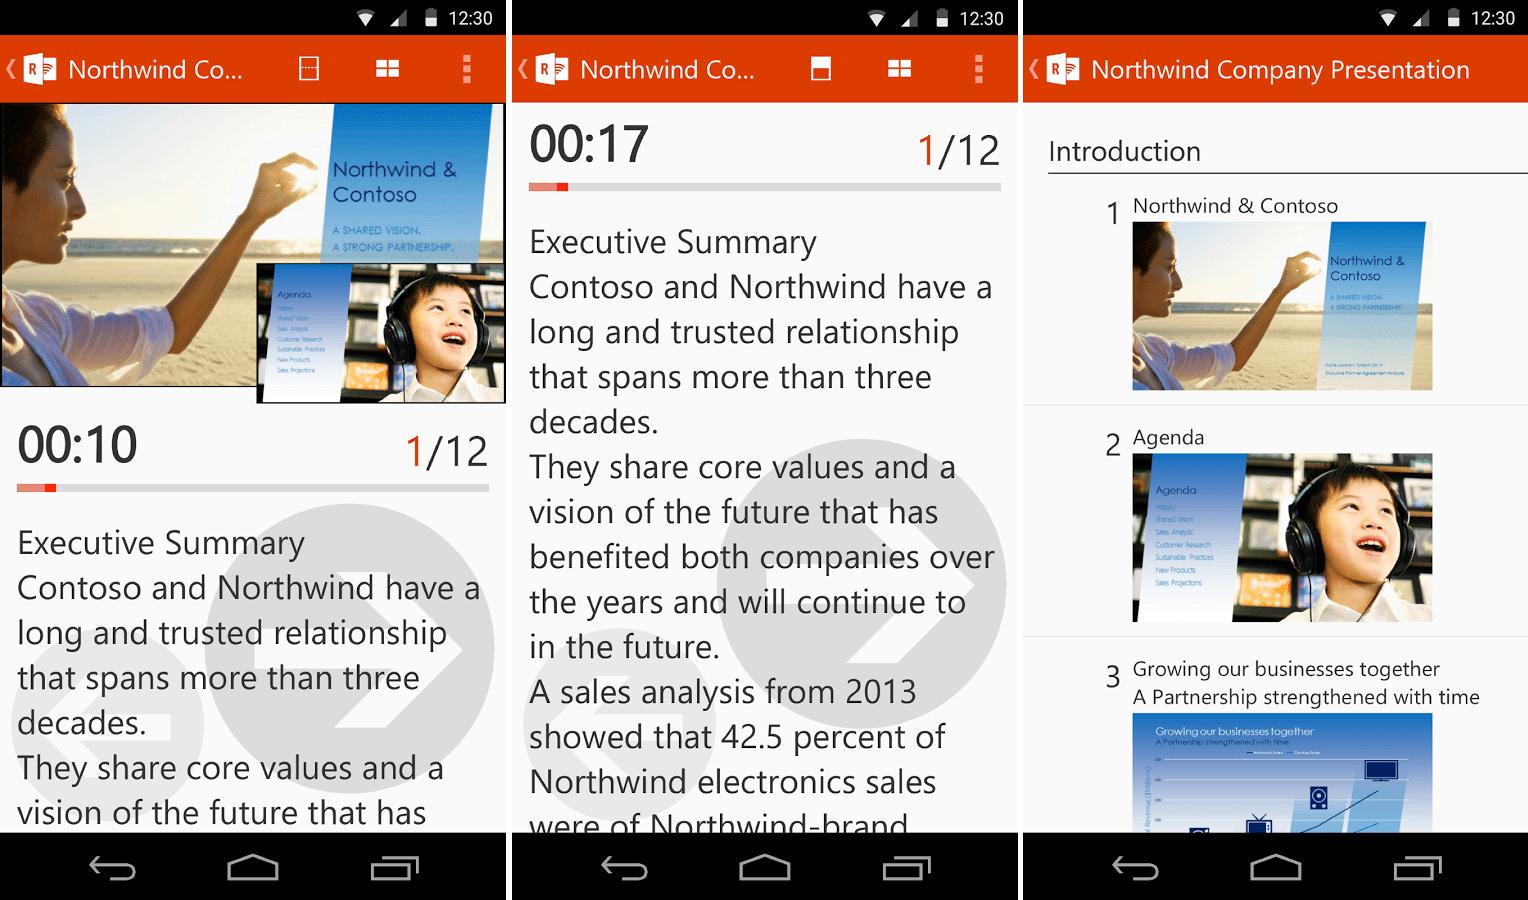 Office Remote for Android permet de contrôler des présentations PowerPoint depuis un smartphone